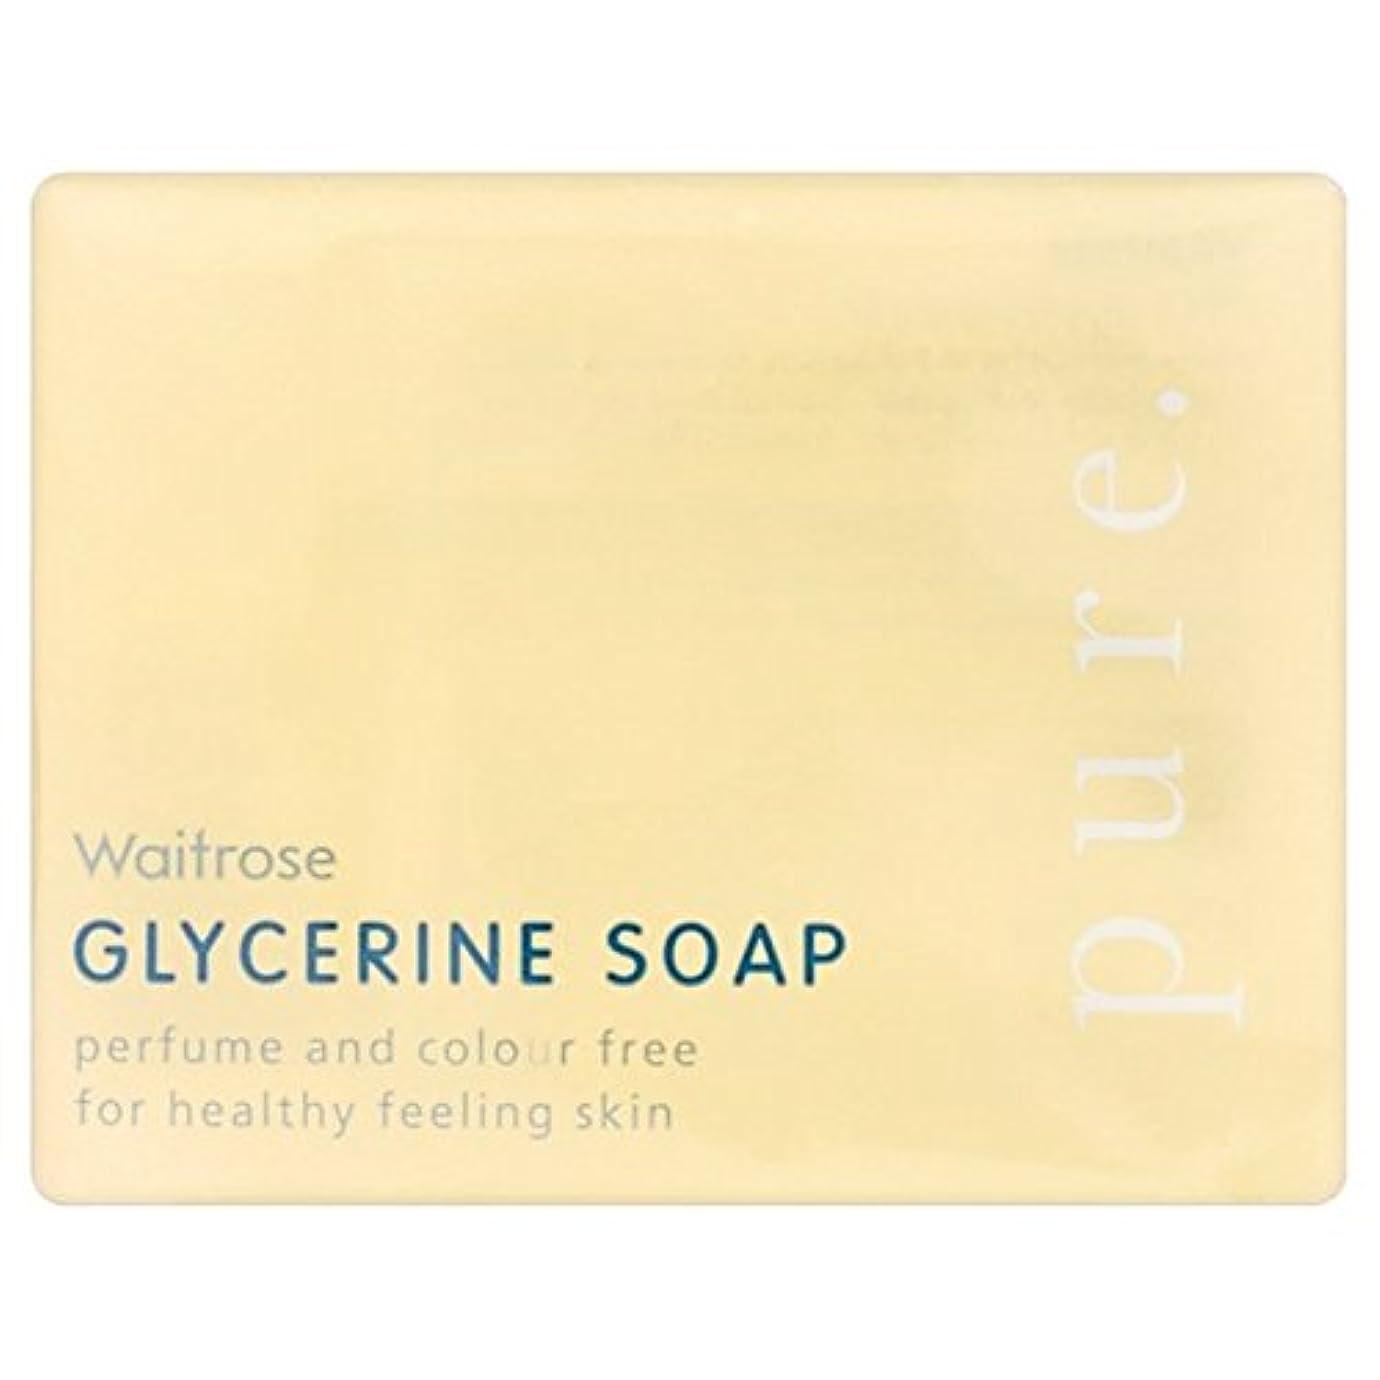 ファンブル連続したいつでも純粋なグリセリンソープウェイトローズの100グラム x2 - Pure Glycerine Soap Waitrose 100g (Pack of 2) [並行輸入品]